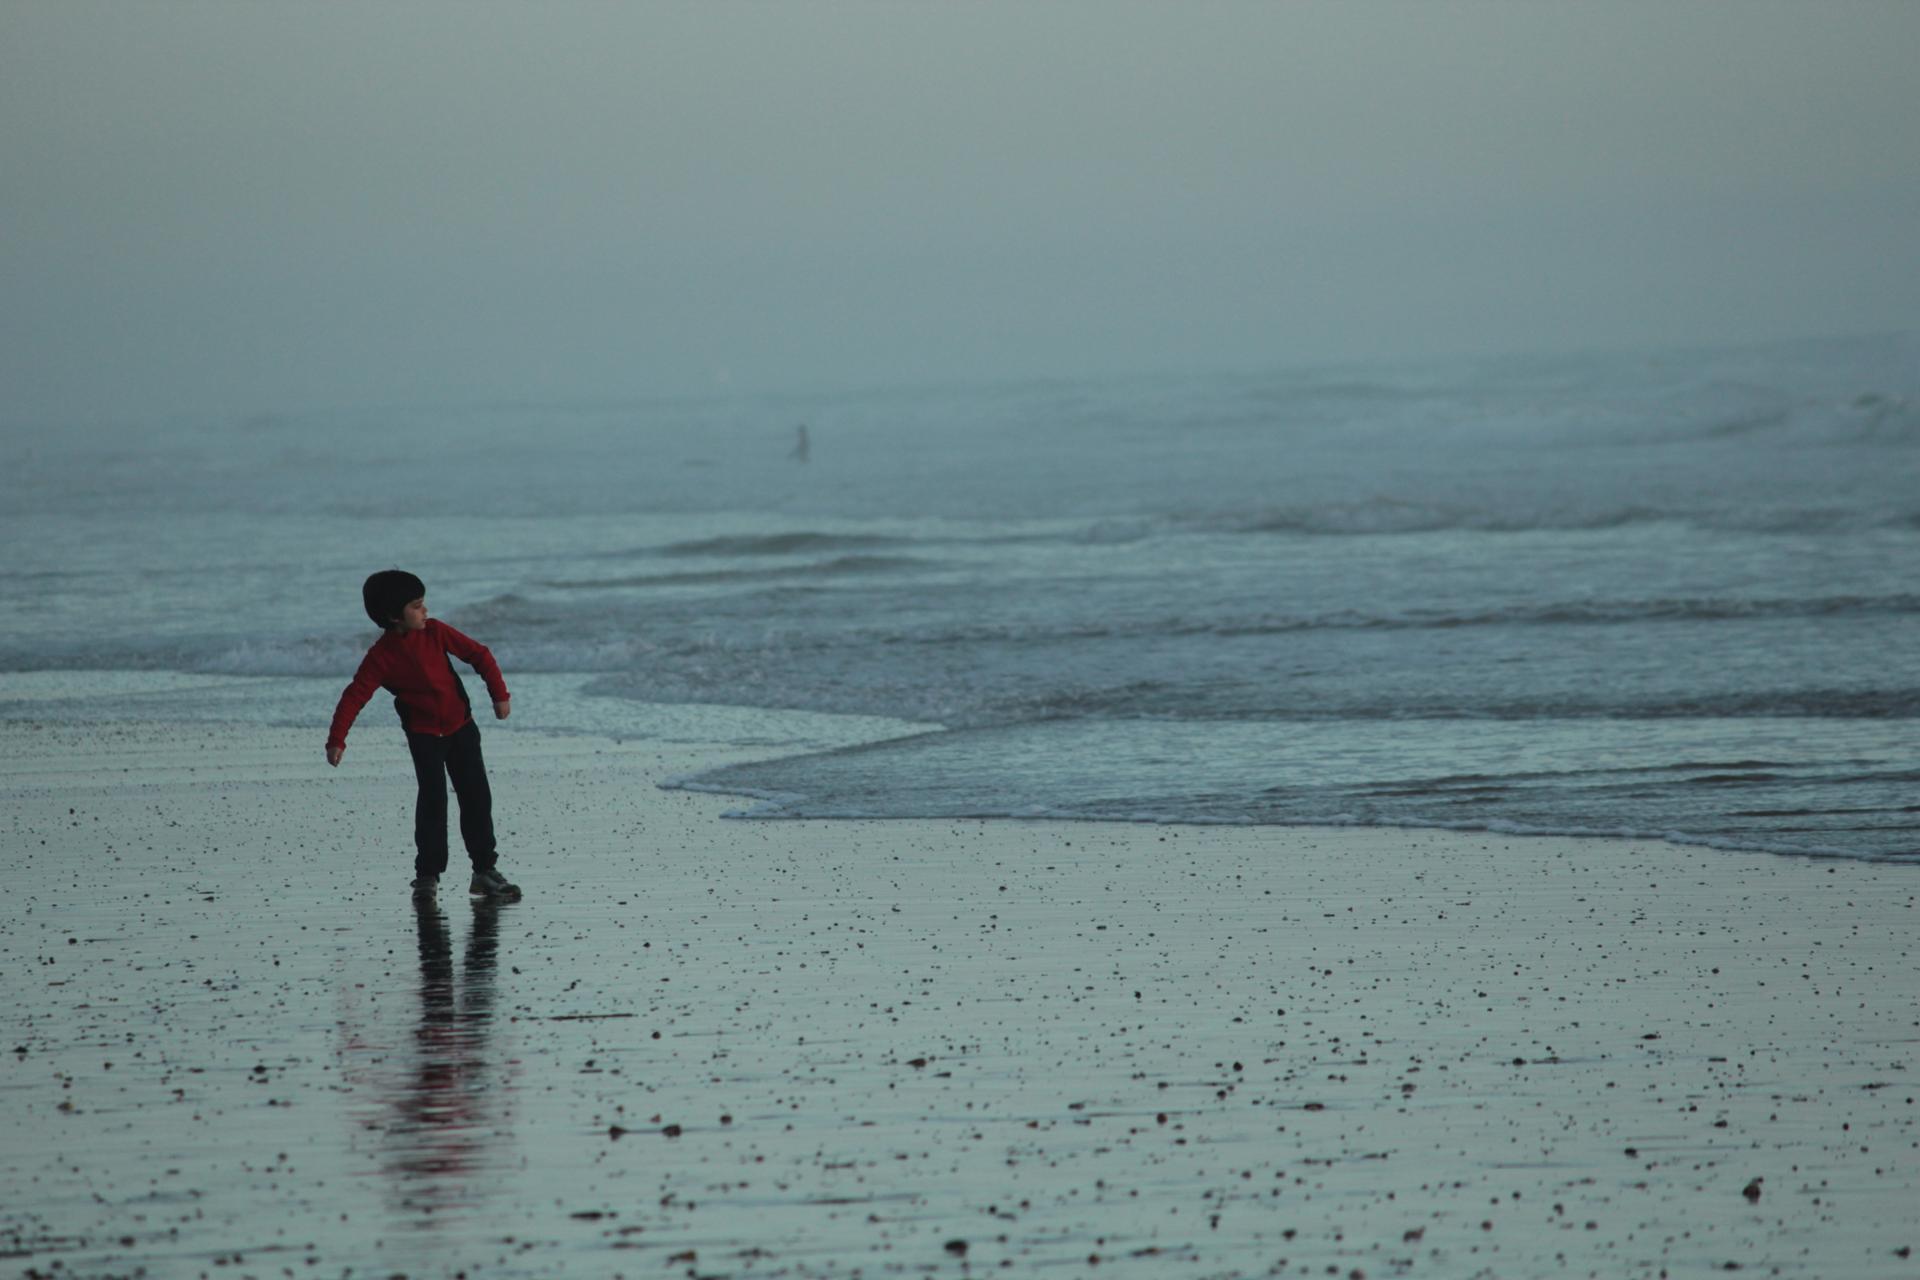 Rouge sur mer